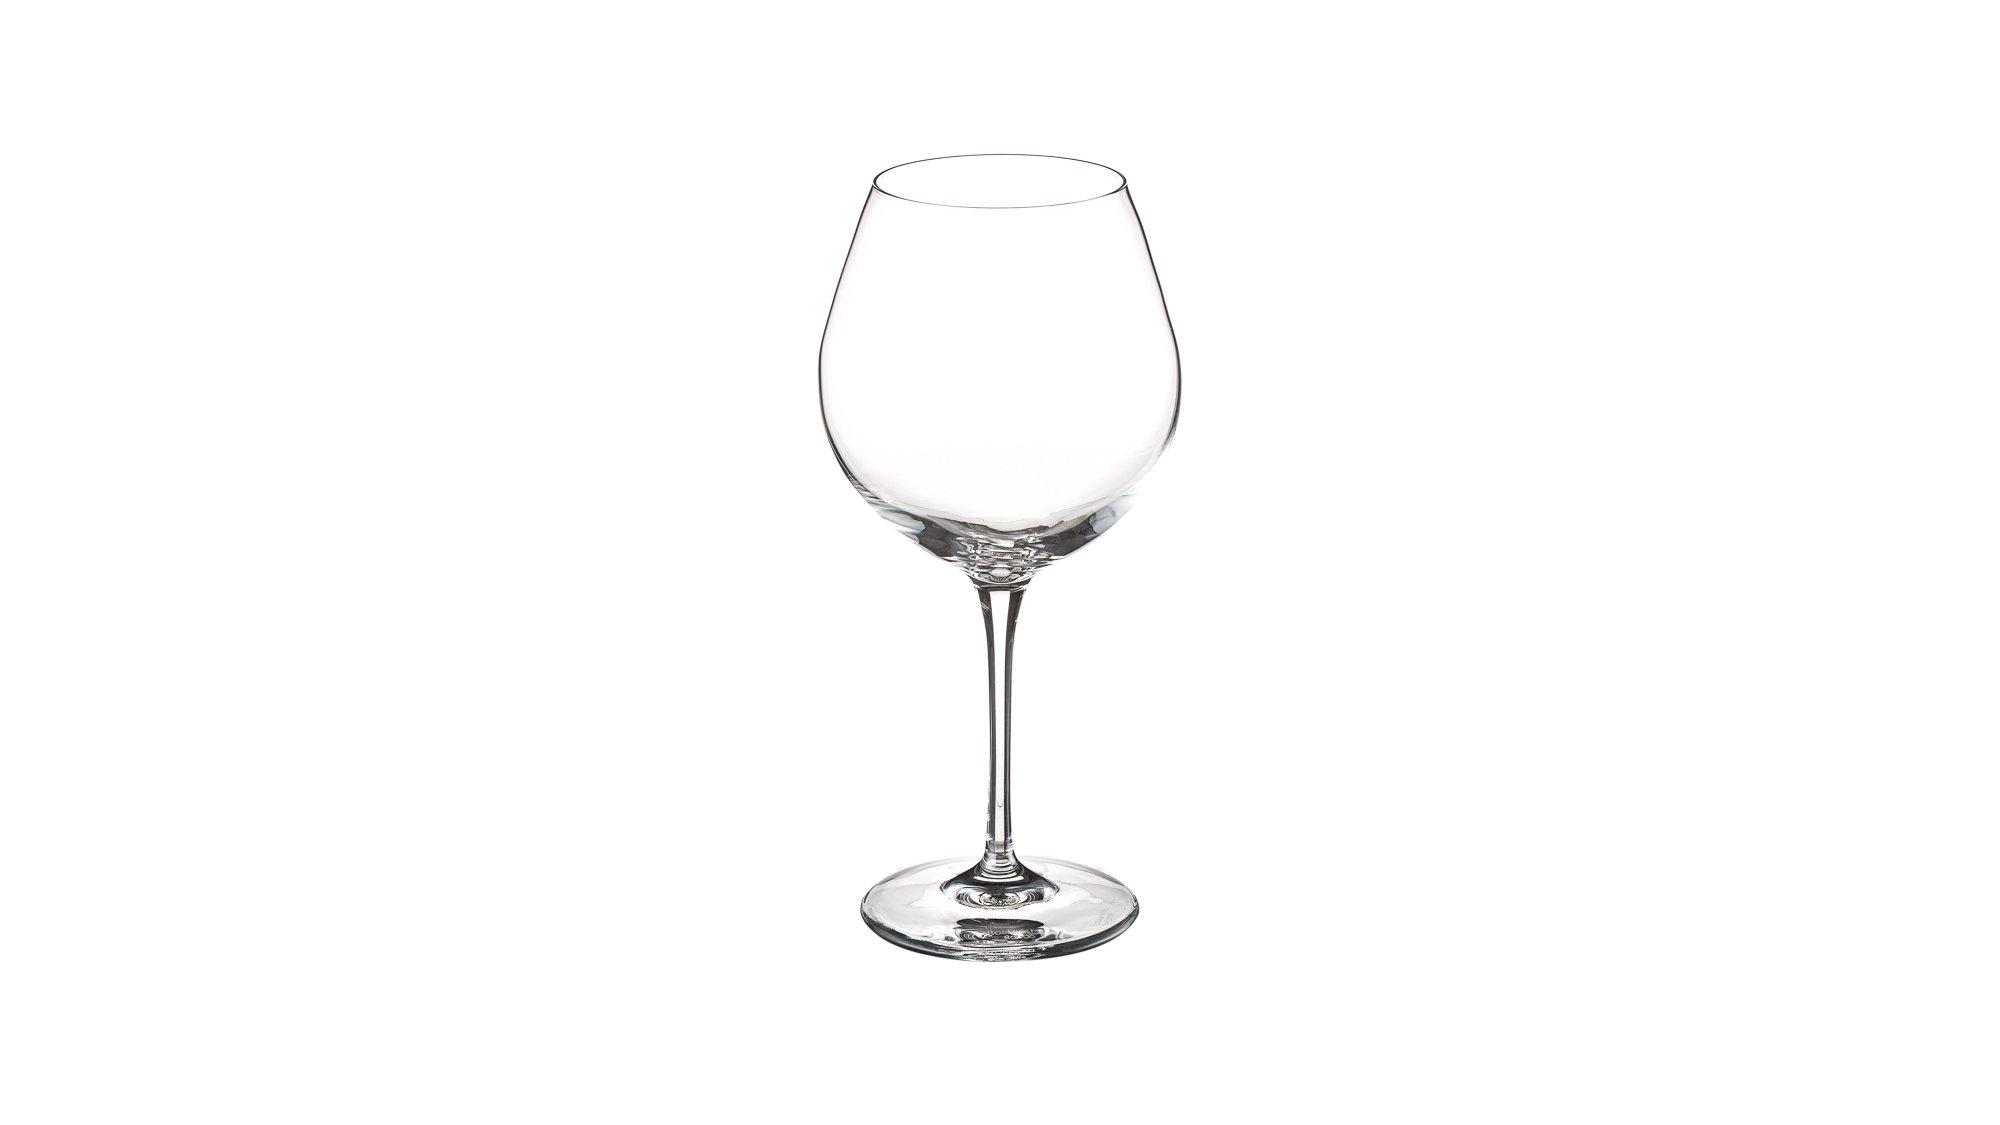 Shportë Galileo 10 Gota Vere 65 cl dhe 10 Gota Vere 65 cl Falas